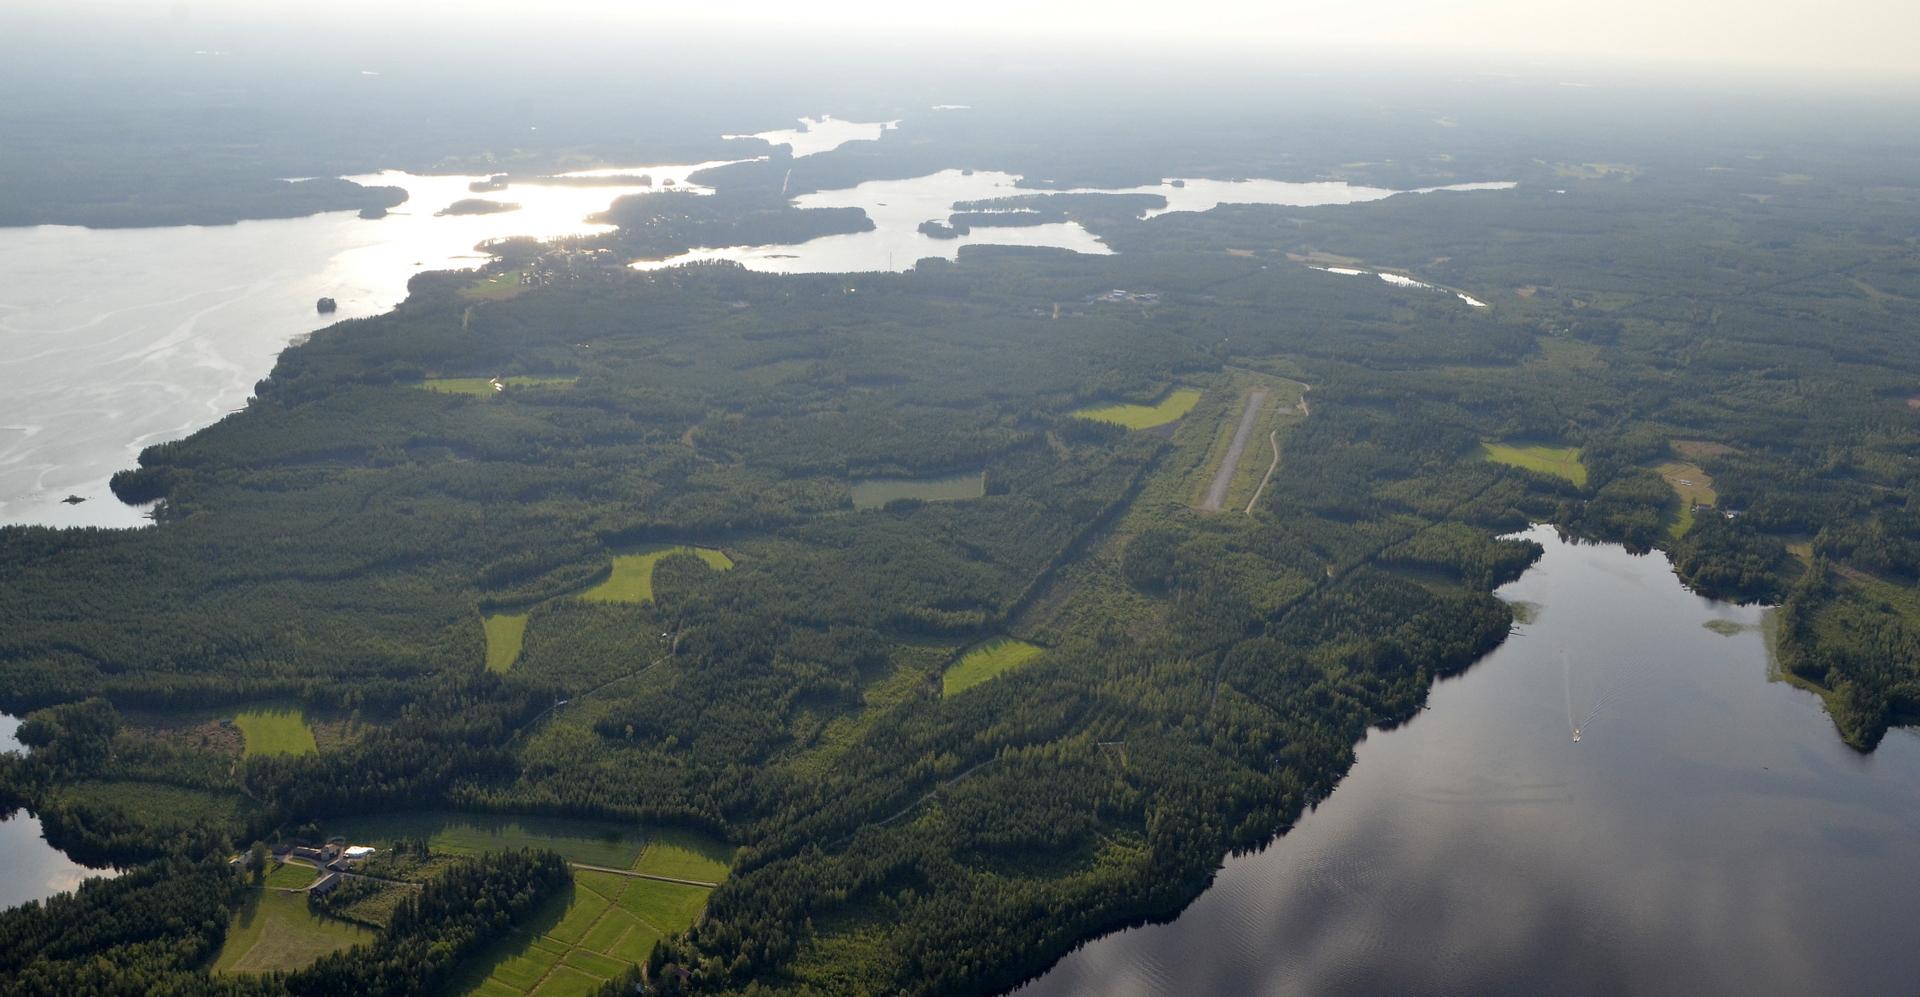 Kivijärven lentokenttä Härkämönperällä. Alun alkaen oli suunnitelma käydä kentällä tankkaamassa, mutta jätän sen nyt väliin.